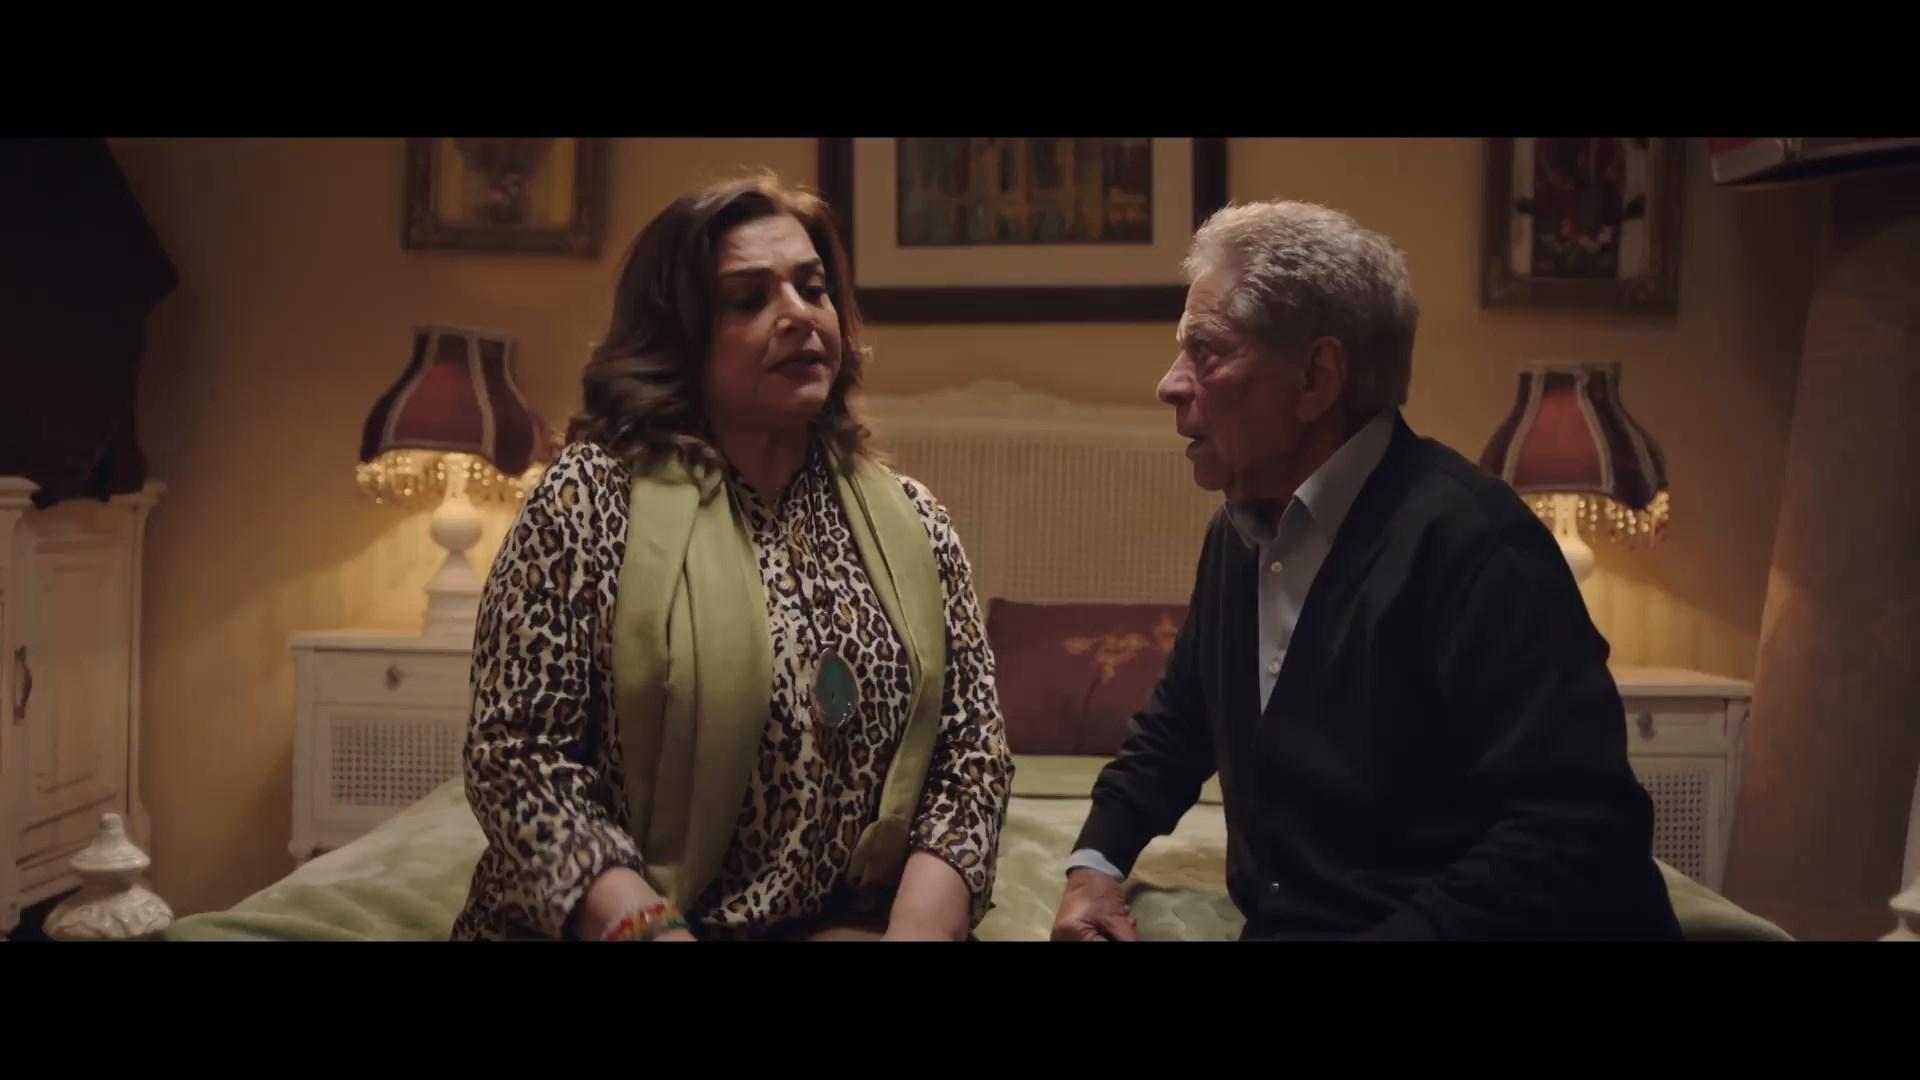 مسلسل قوت القلوب الجزء الثاني الحلقة الثالثة (2020) 1080p تحميل تورنت 6 arabp2p.com